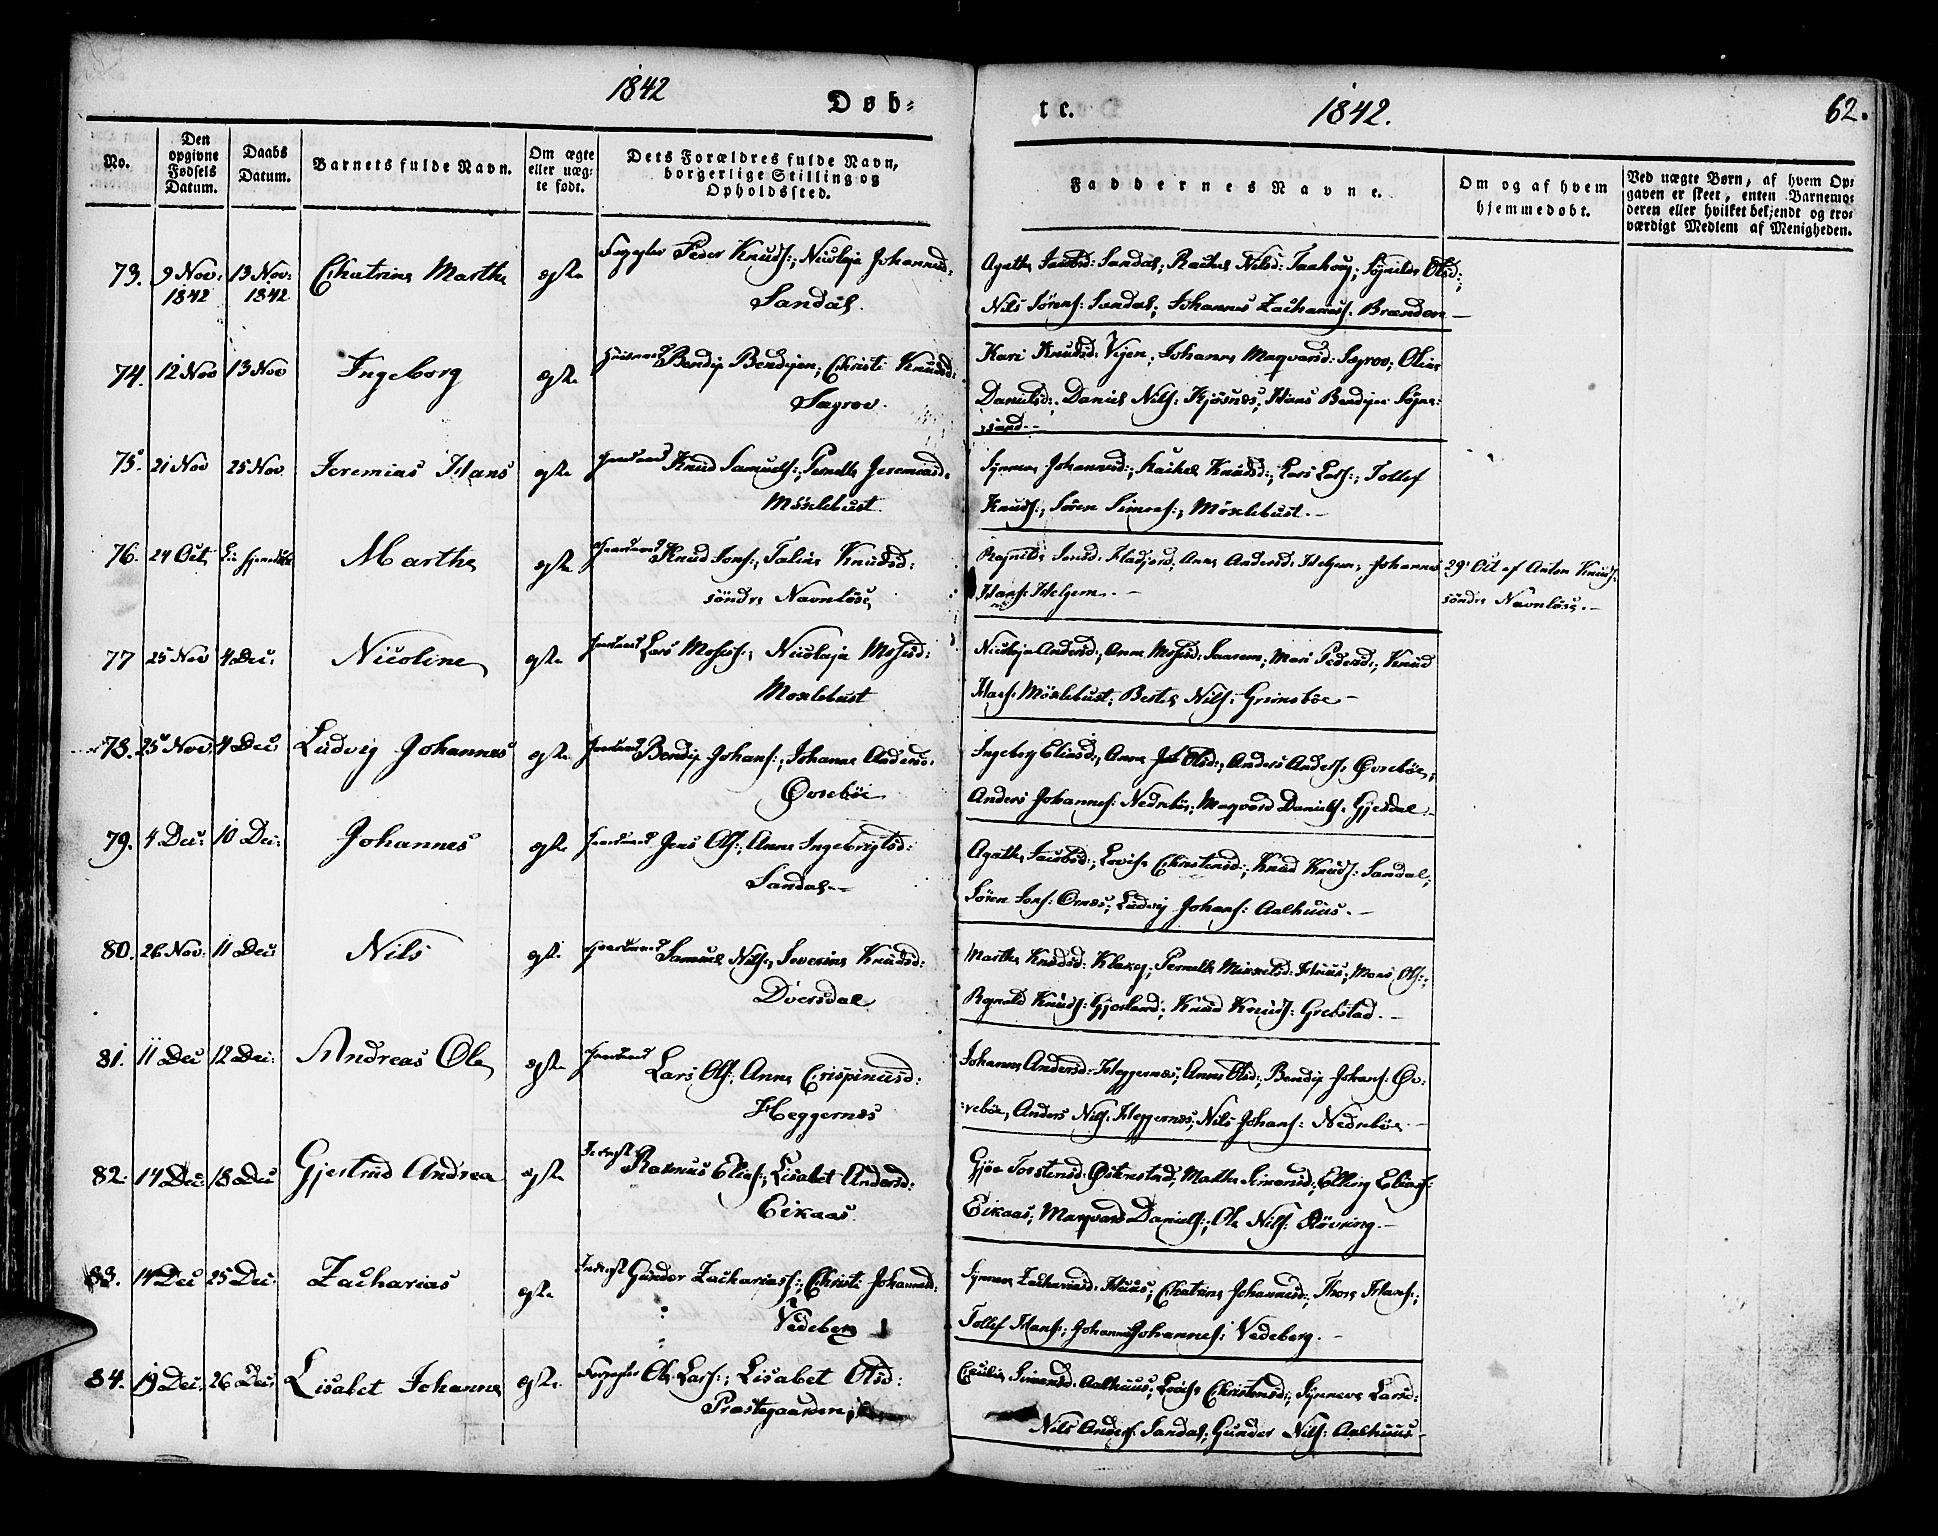 SAB, Jølster sokneprestembete, H/Haa/Haaa/L0009: Ministerialbok nr. A 9, 1833-1848, s. 62